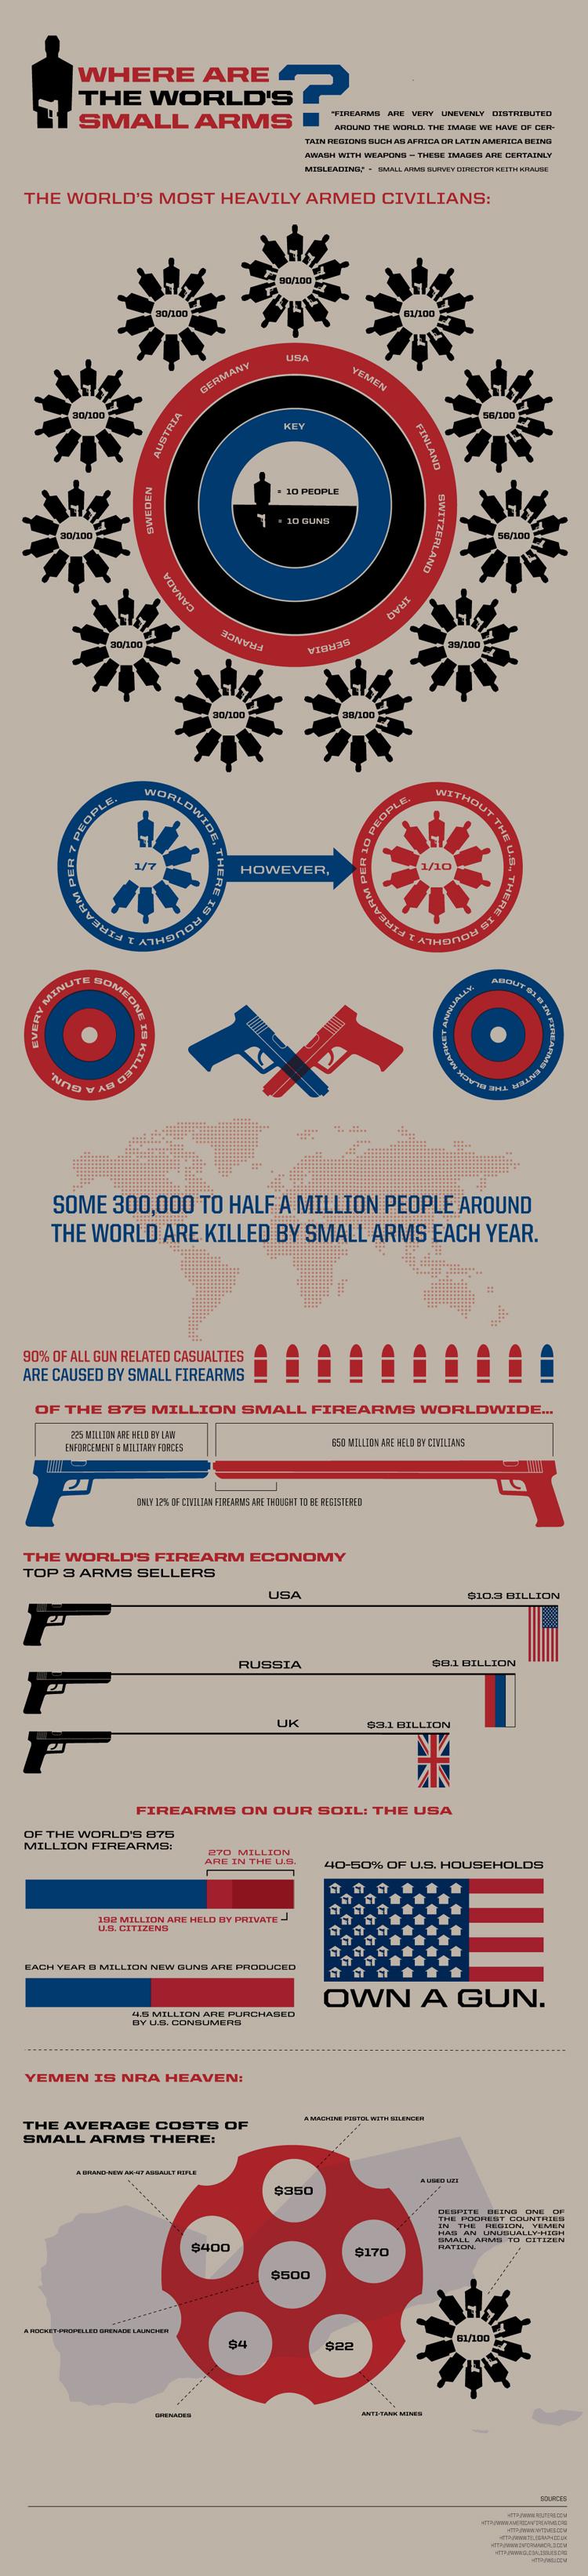 Guns-Across-the-World